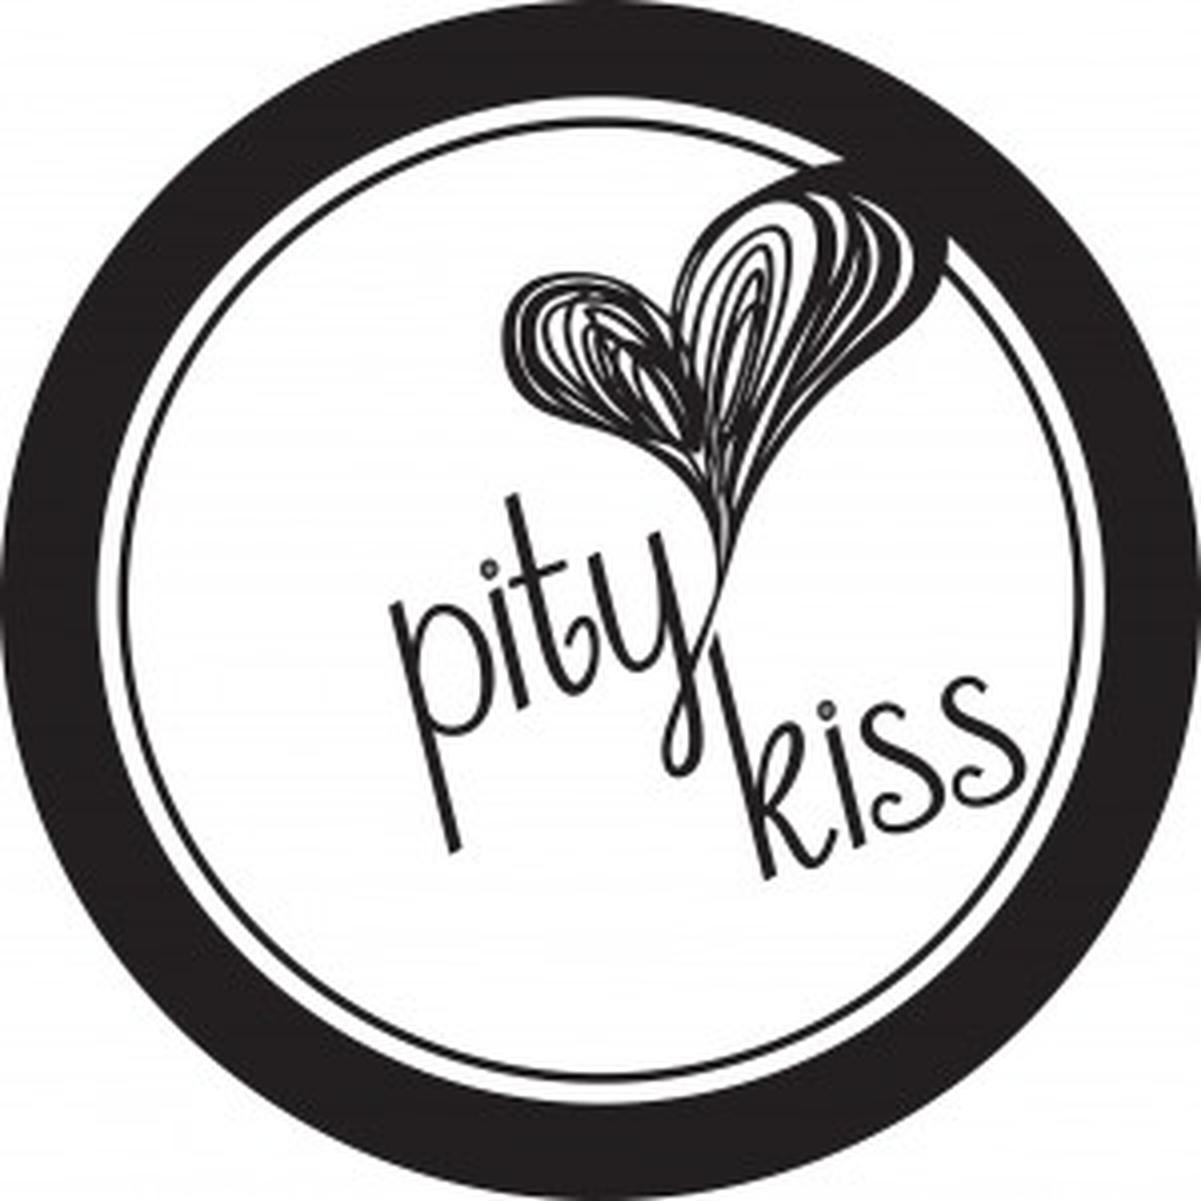 Pity.Kiss